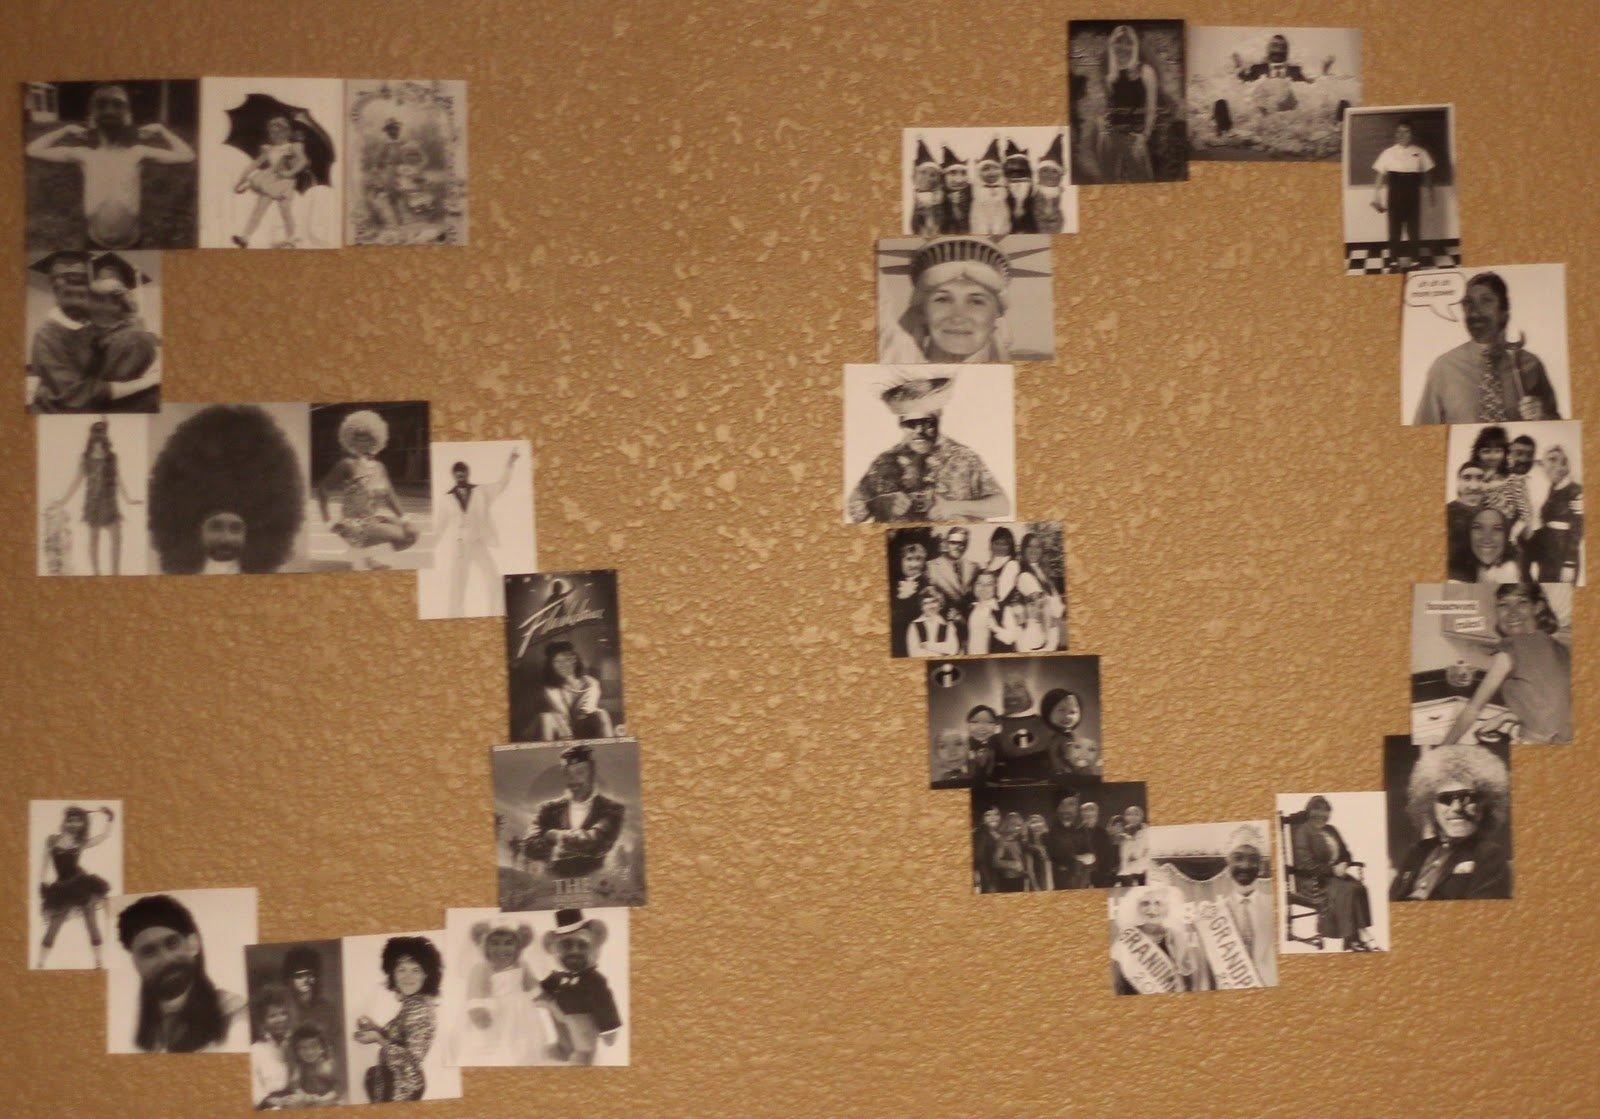 10 Awesome Mom 50Th Birthday Gift Ideas 40th birthday ideas 50th birthday gift ideas yahoo answers 2020